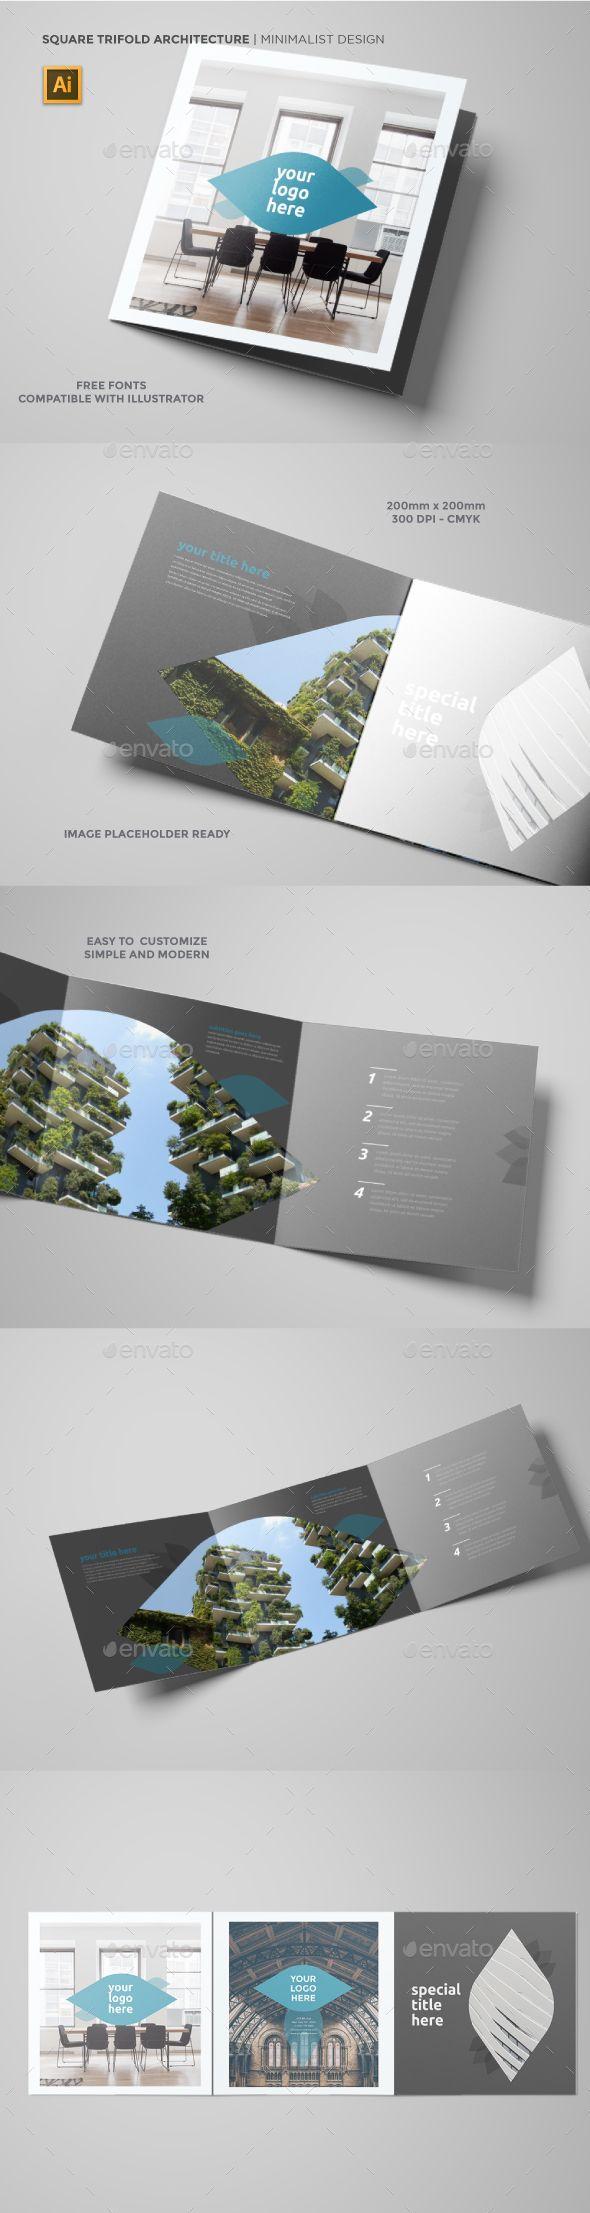 Square Architecture Trifold Brochure Template Vector EPS, AI Illustrator